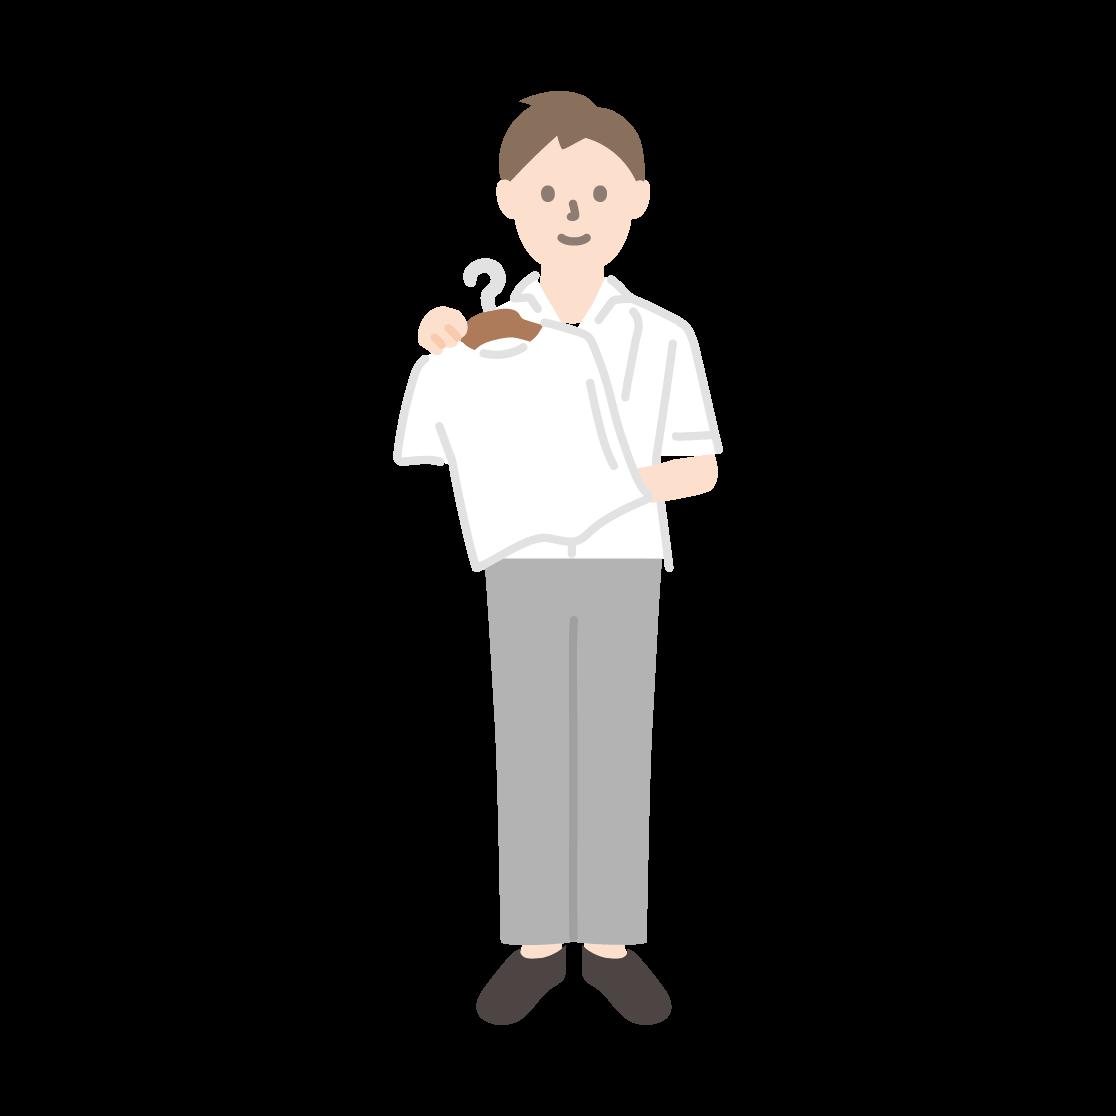 アパレル店員(男性)の線画イラスト